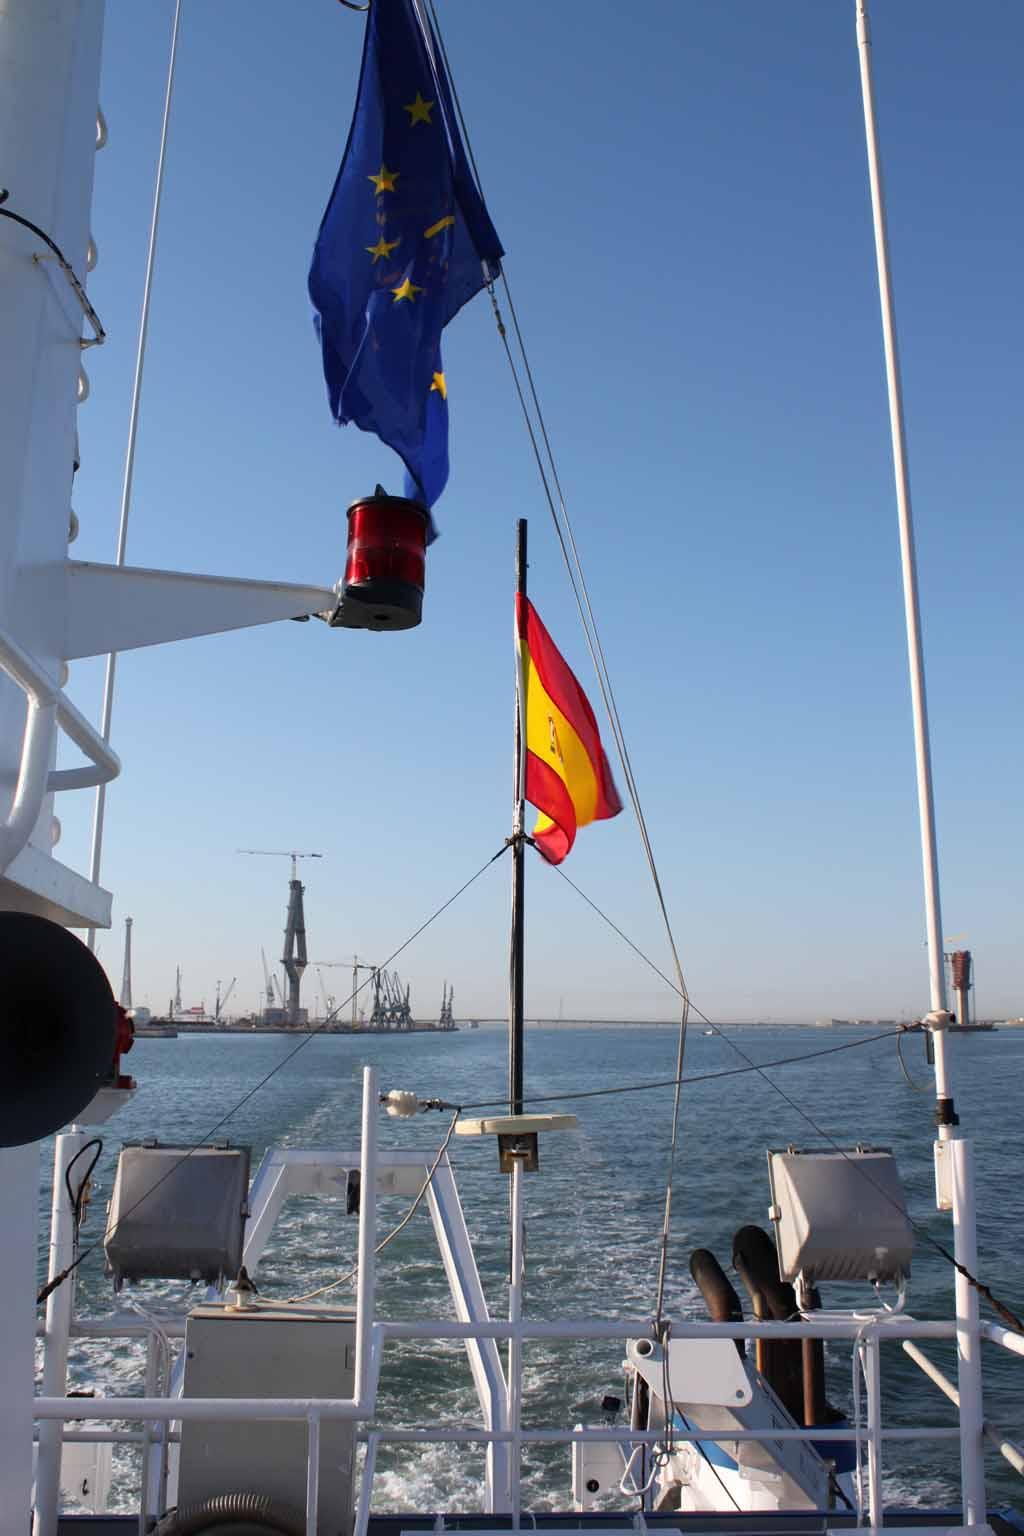 Por la popa del barco, surcando la bahía, dejamos los enormes pilares del nuevo puente en construcción ©IEO